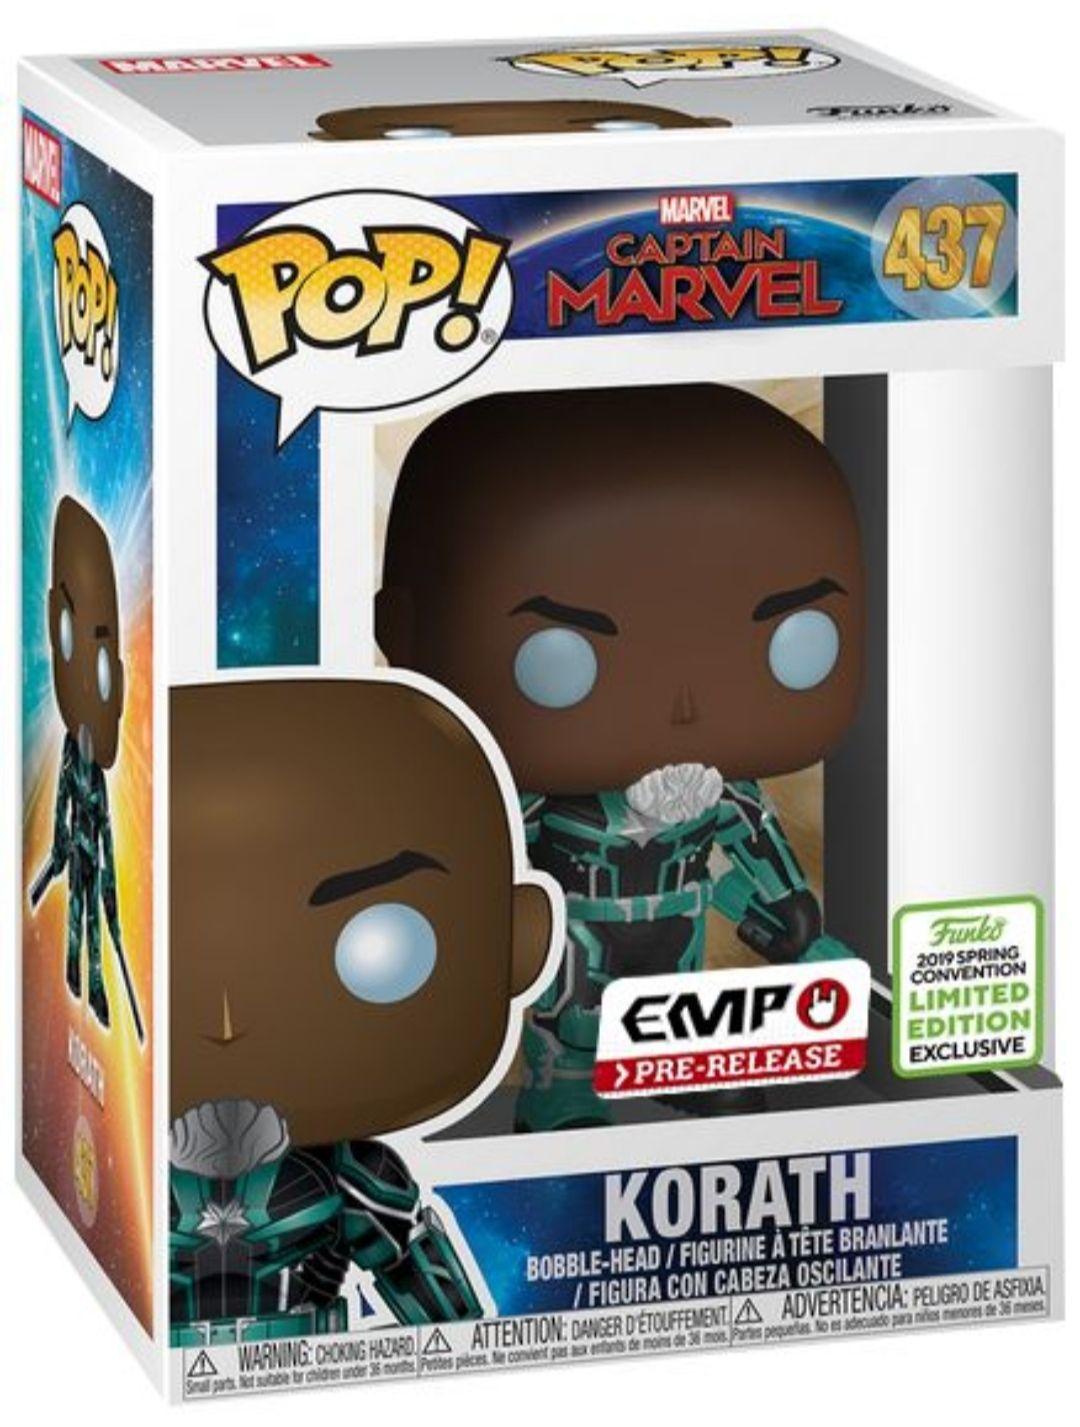 Funko Pop Korath ECCC2019